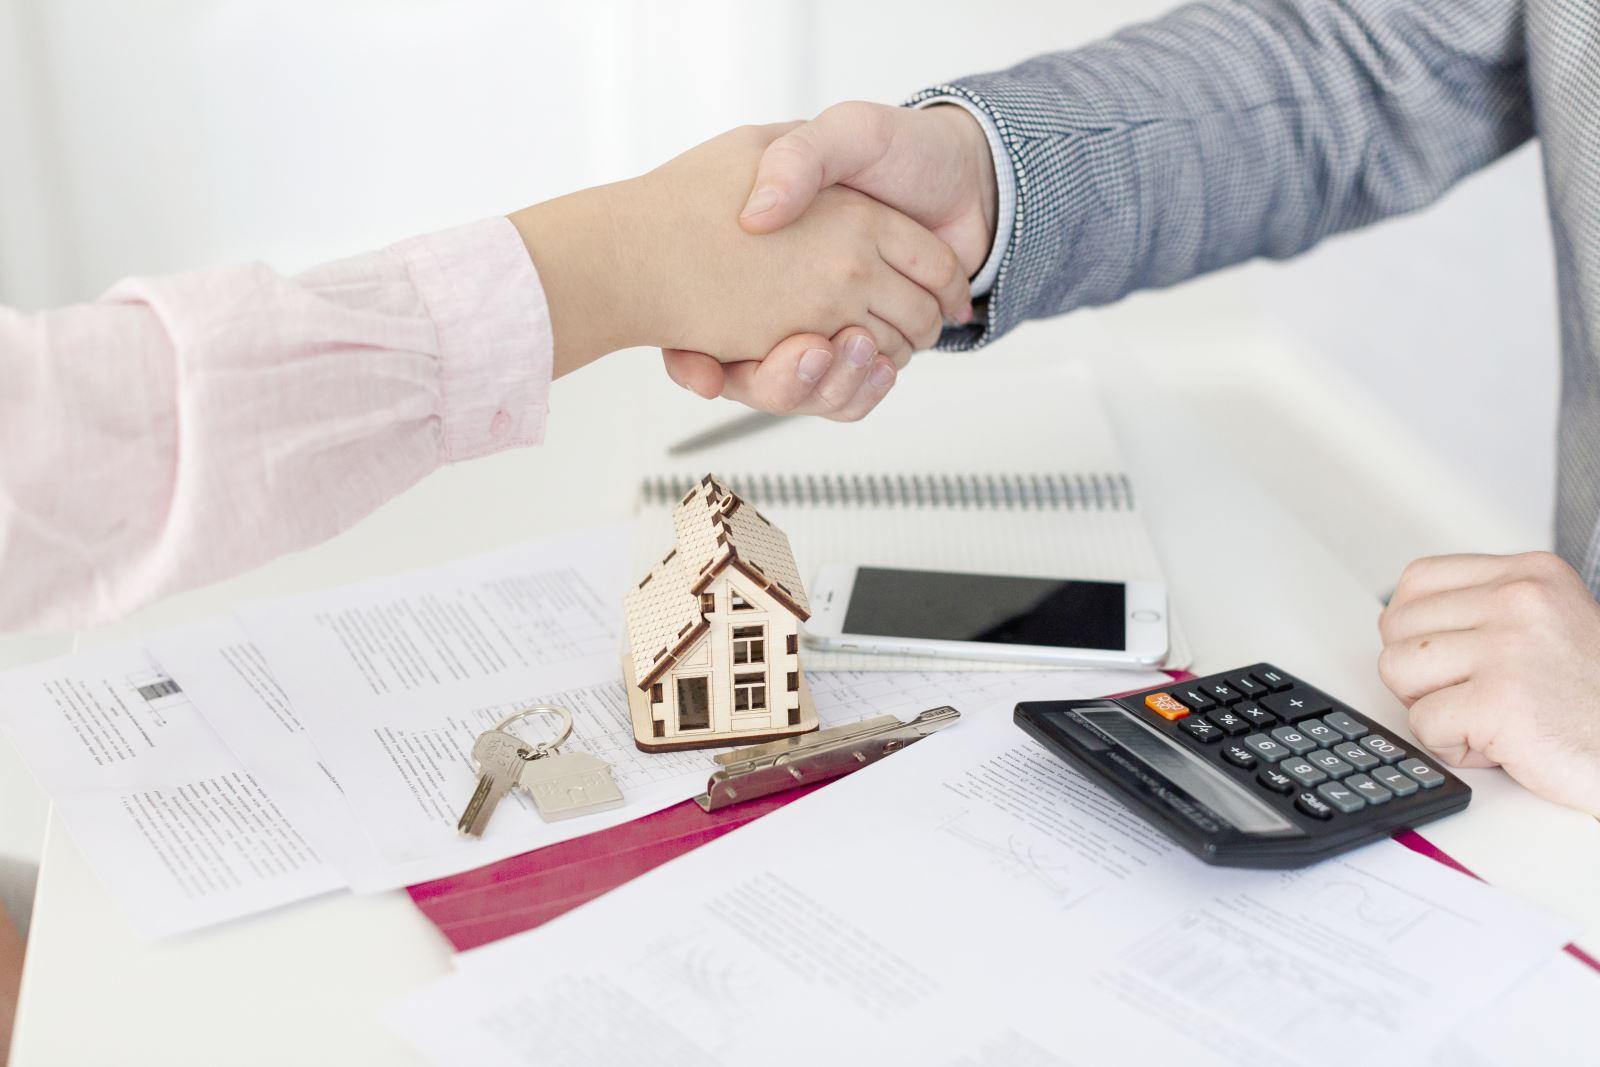 Tham khảo bản mẫu hợp đồng trao đổi nhà ở cá nhân chi tiết nhất - Ảnh 3.